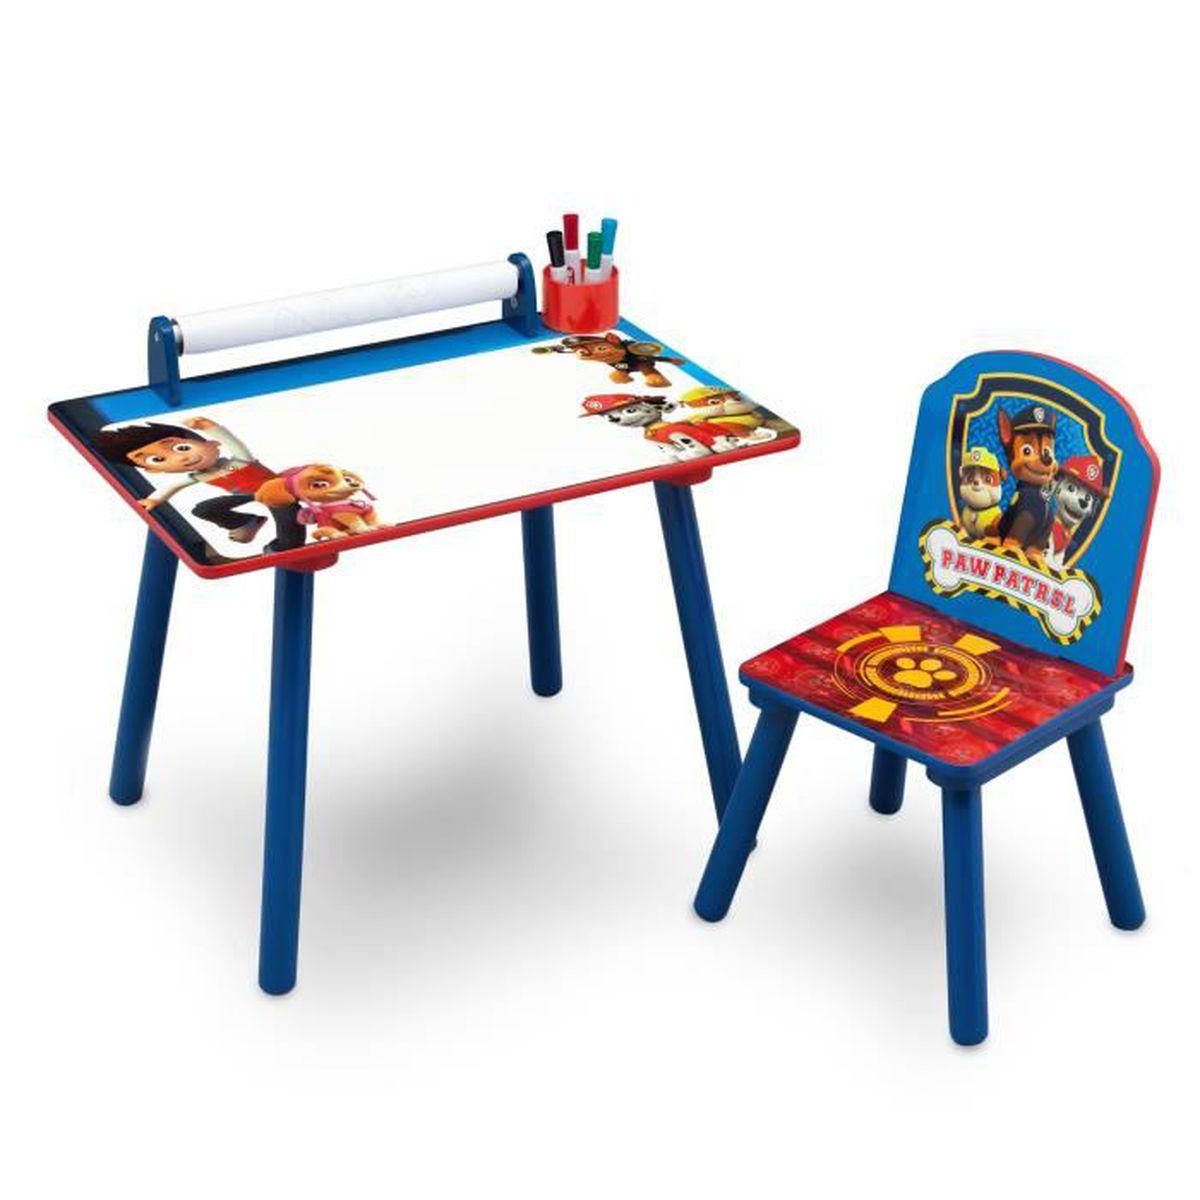 Table a dessin pat patrouille achat vente jeux et jouets pas chers - Coffre de rangement pat patrouille ...